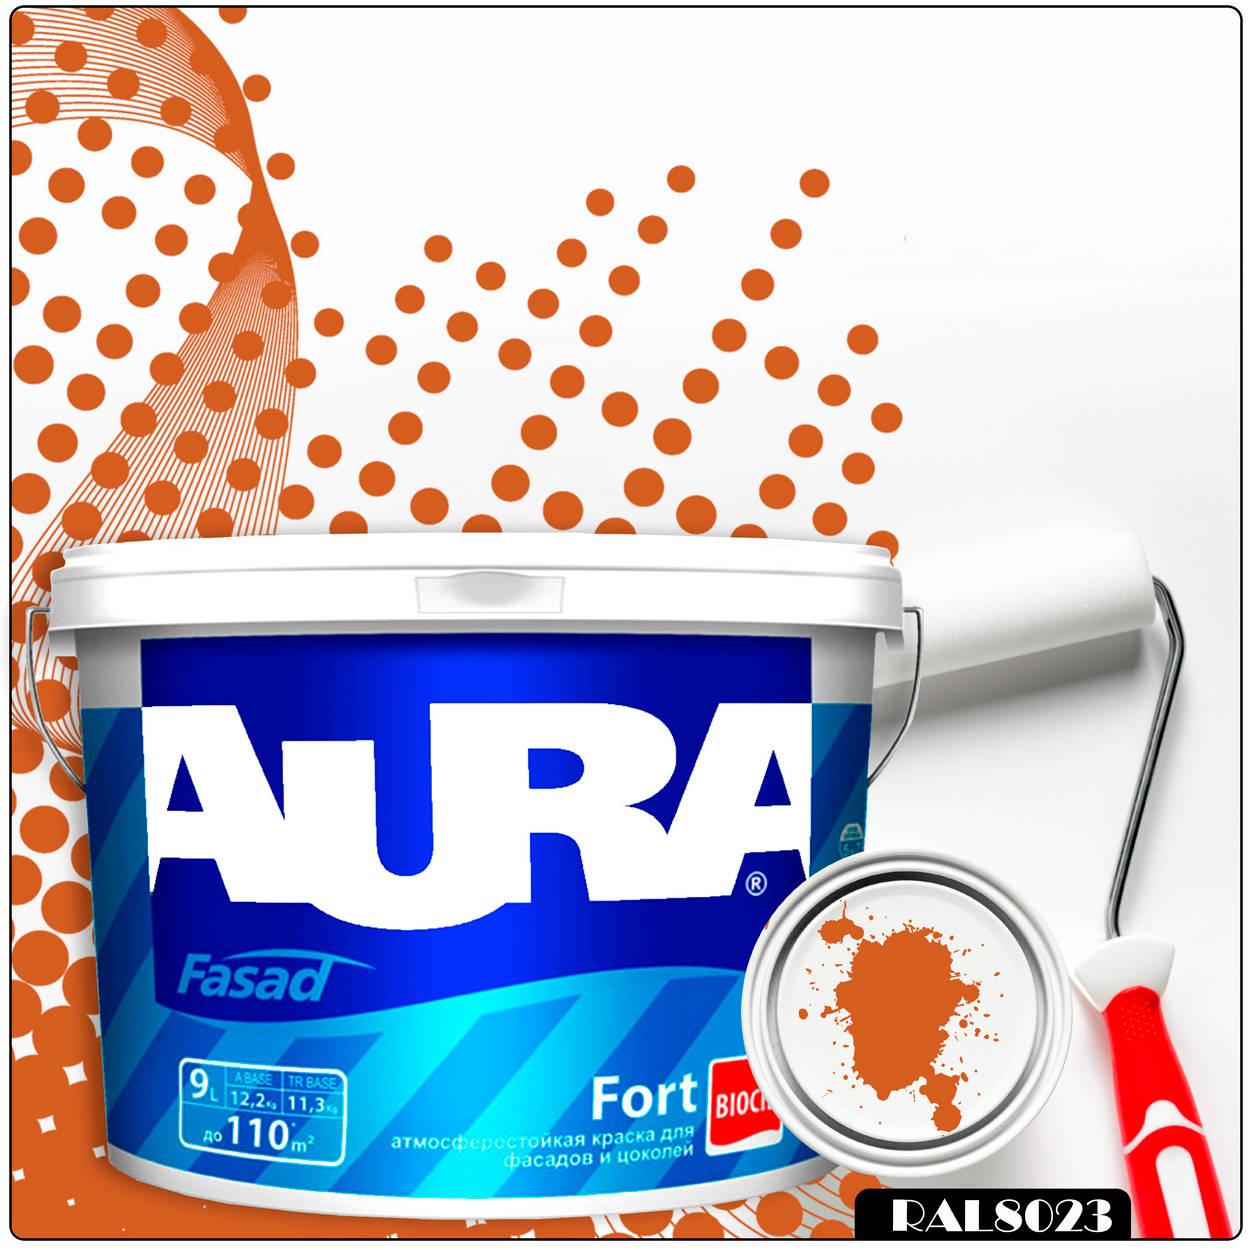 Фото 15 - Краска Aura Fasad Fort, RAL 8023 Оранжево-коричневый, латексная, матовая, для фасада и цоколей, 9л, Аура.